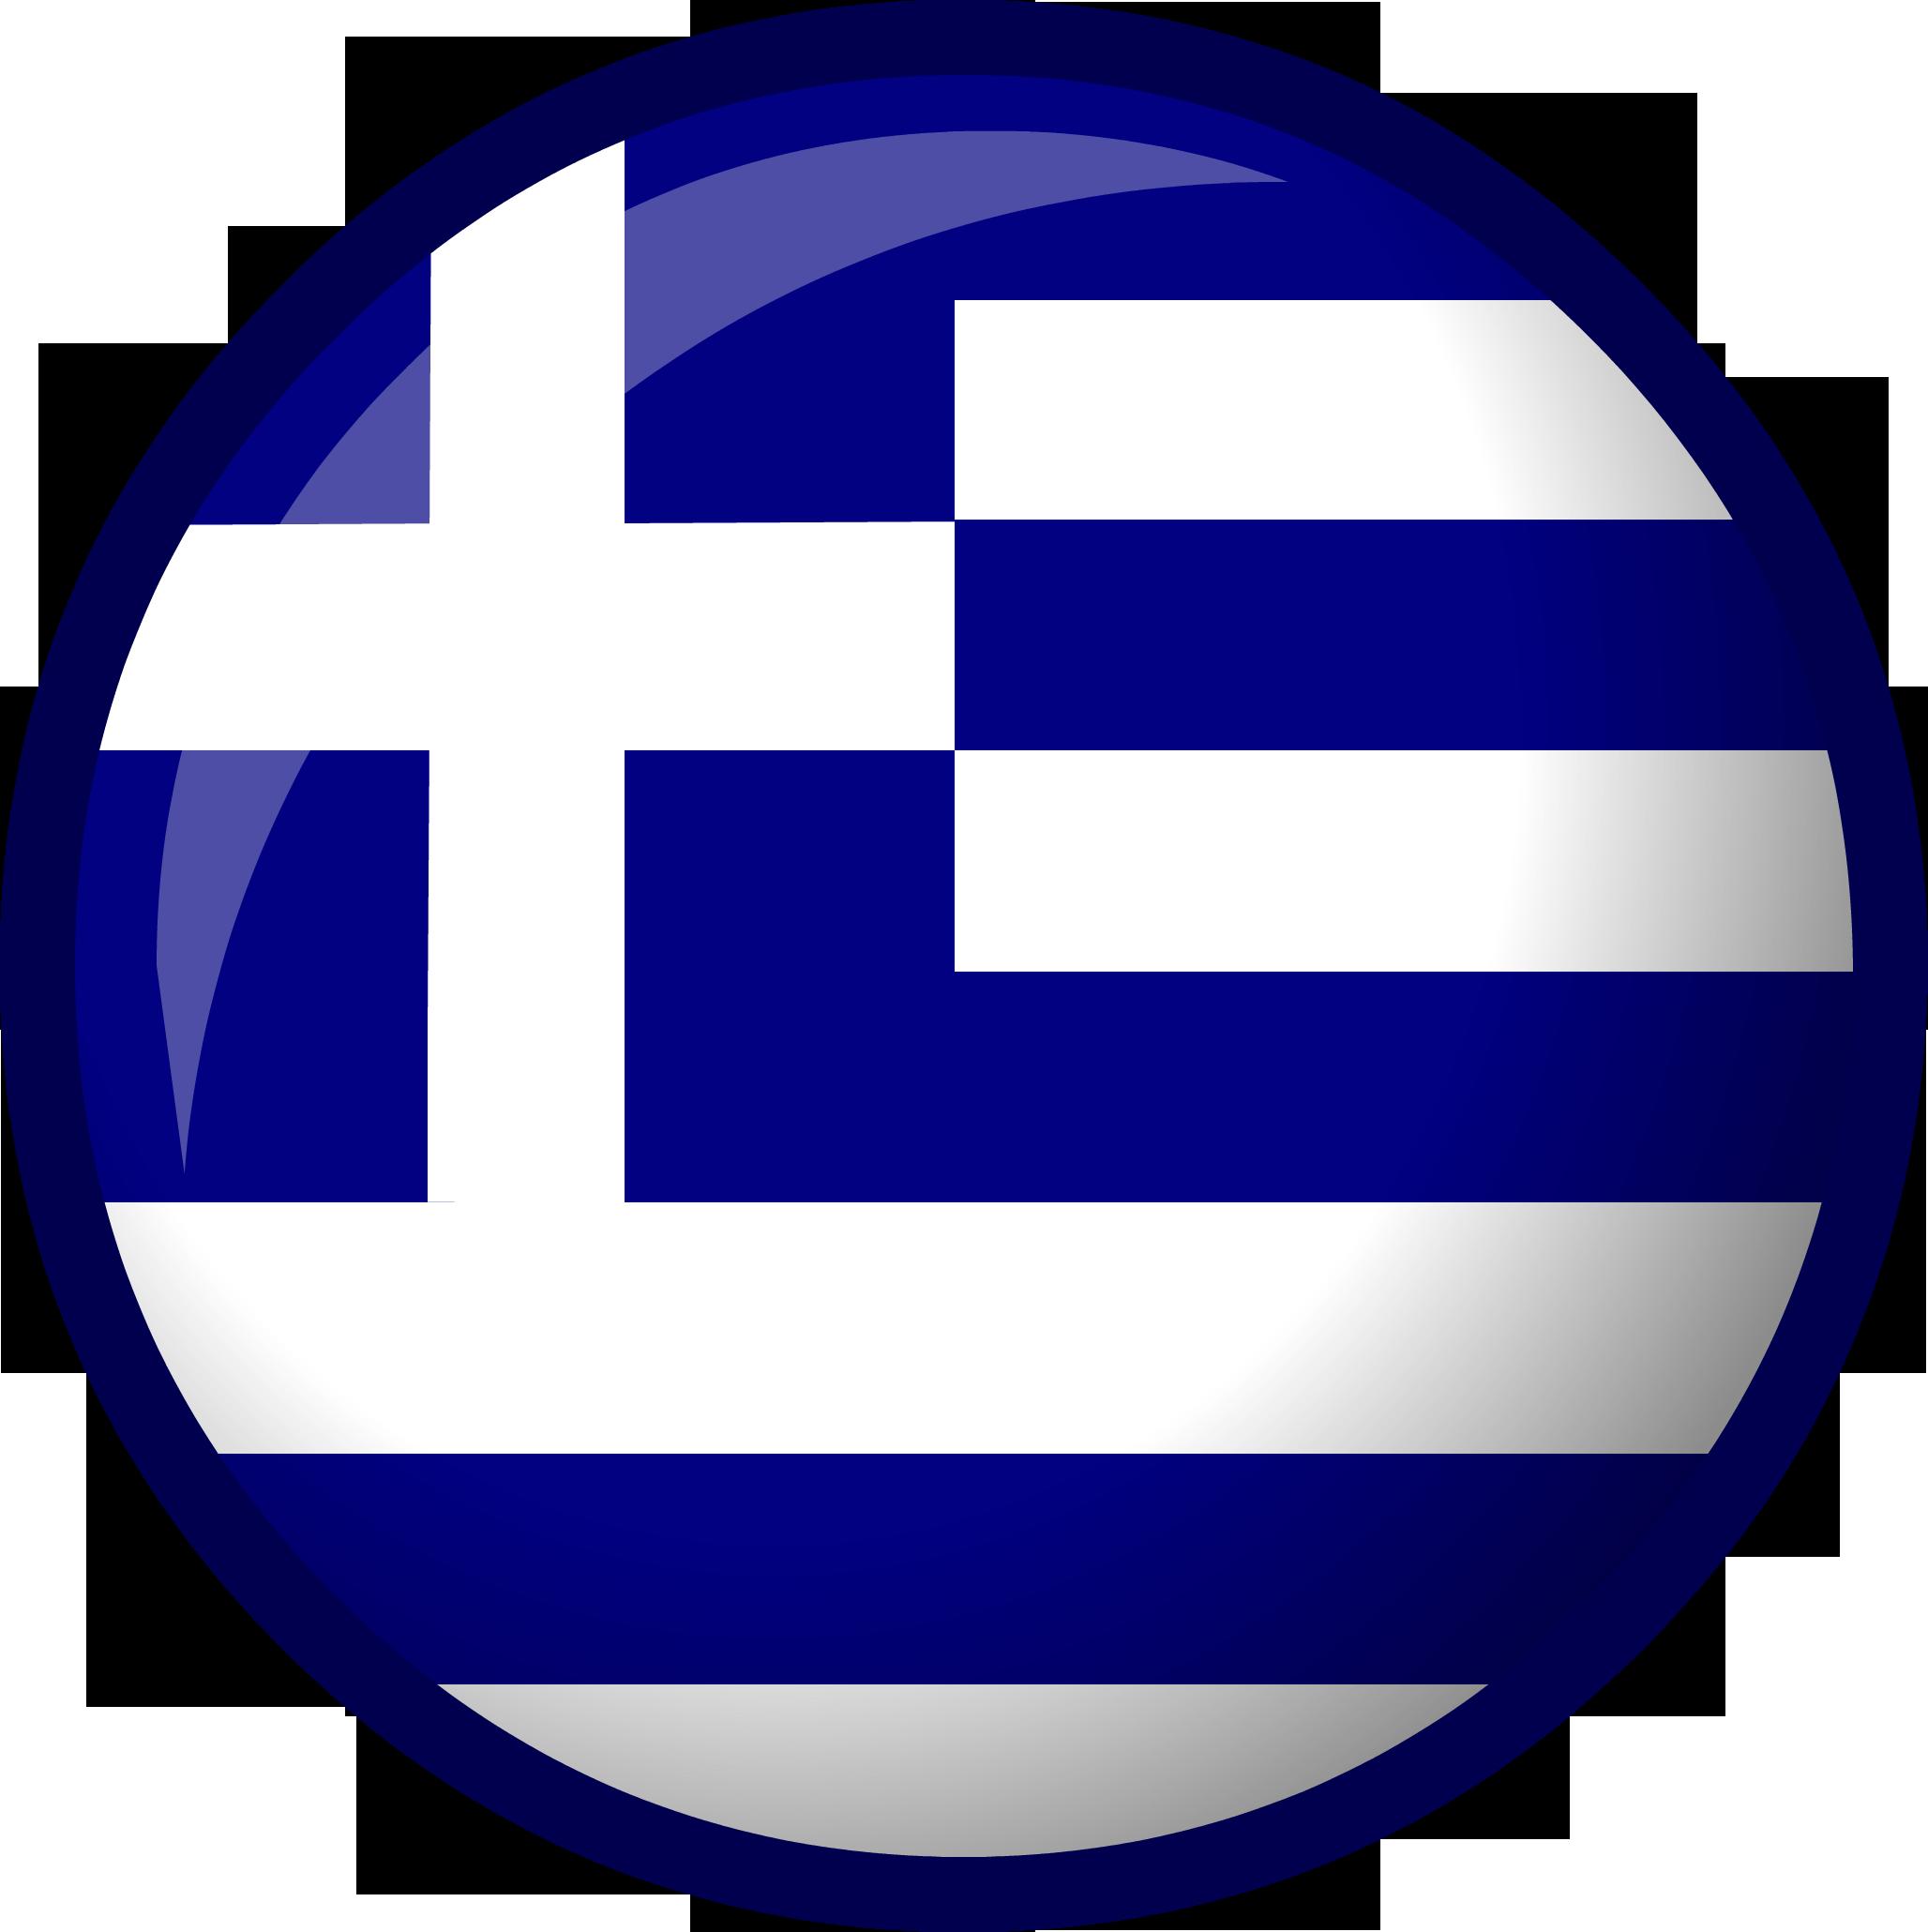 greece flag club penguin wiki fandom powered by wikia